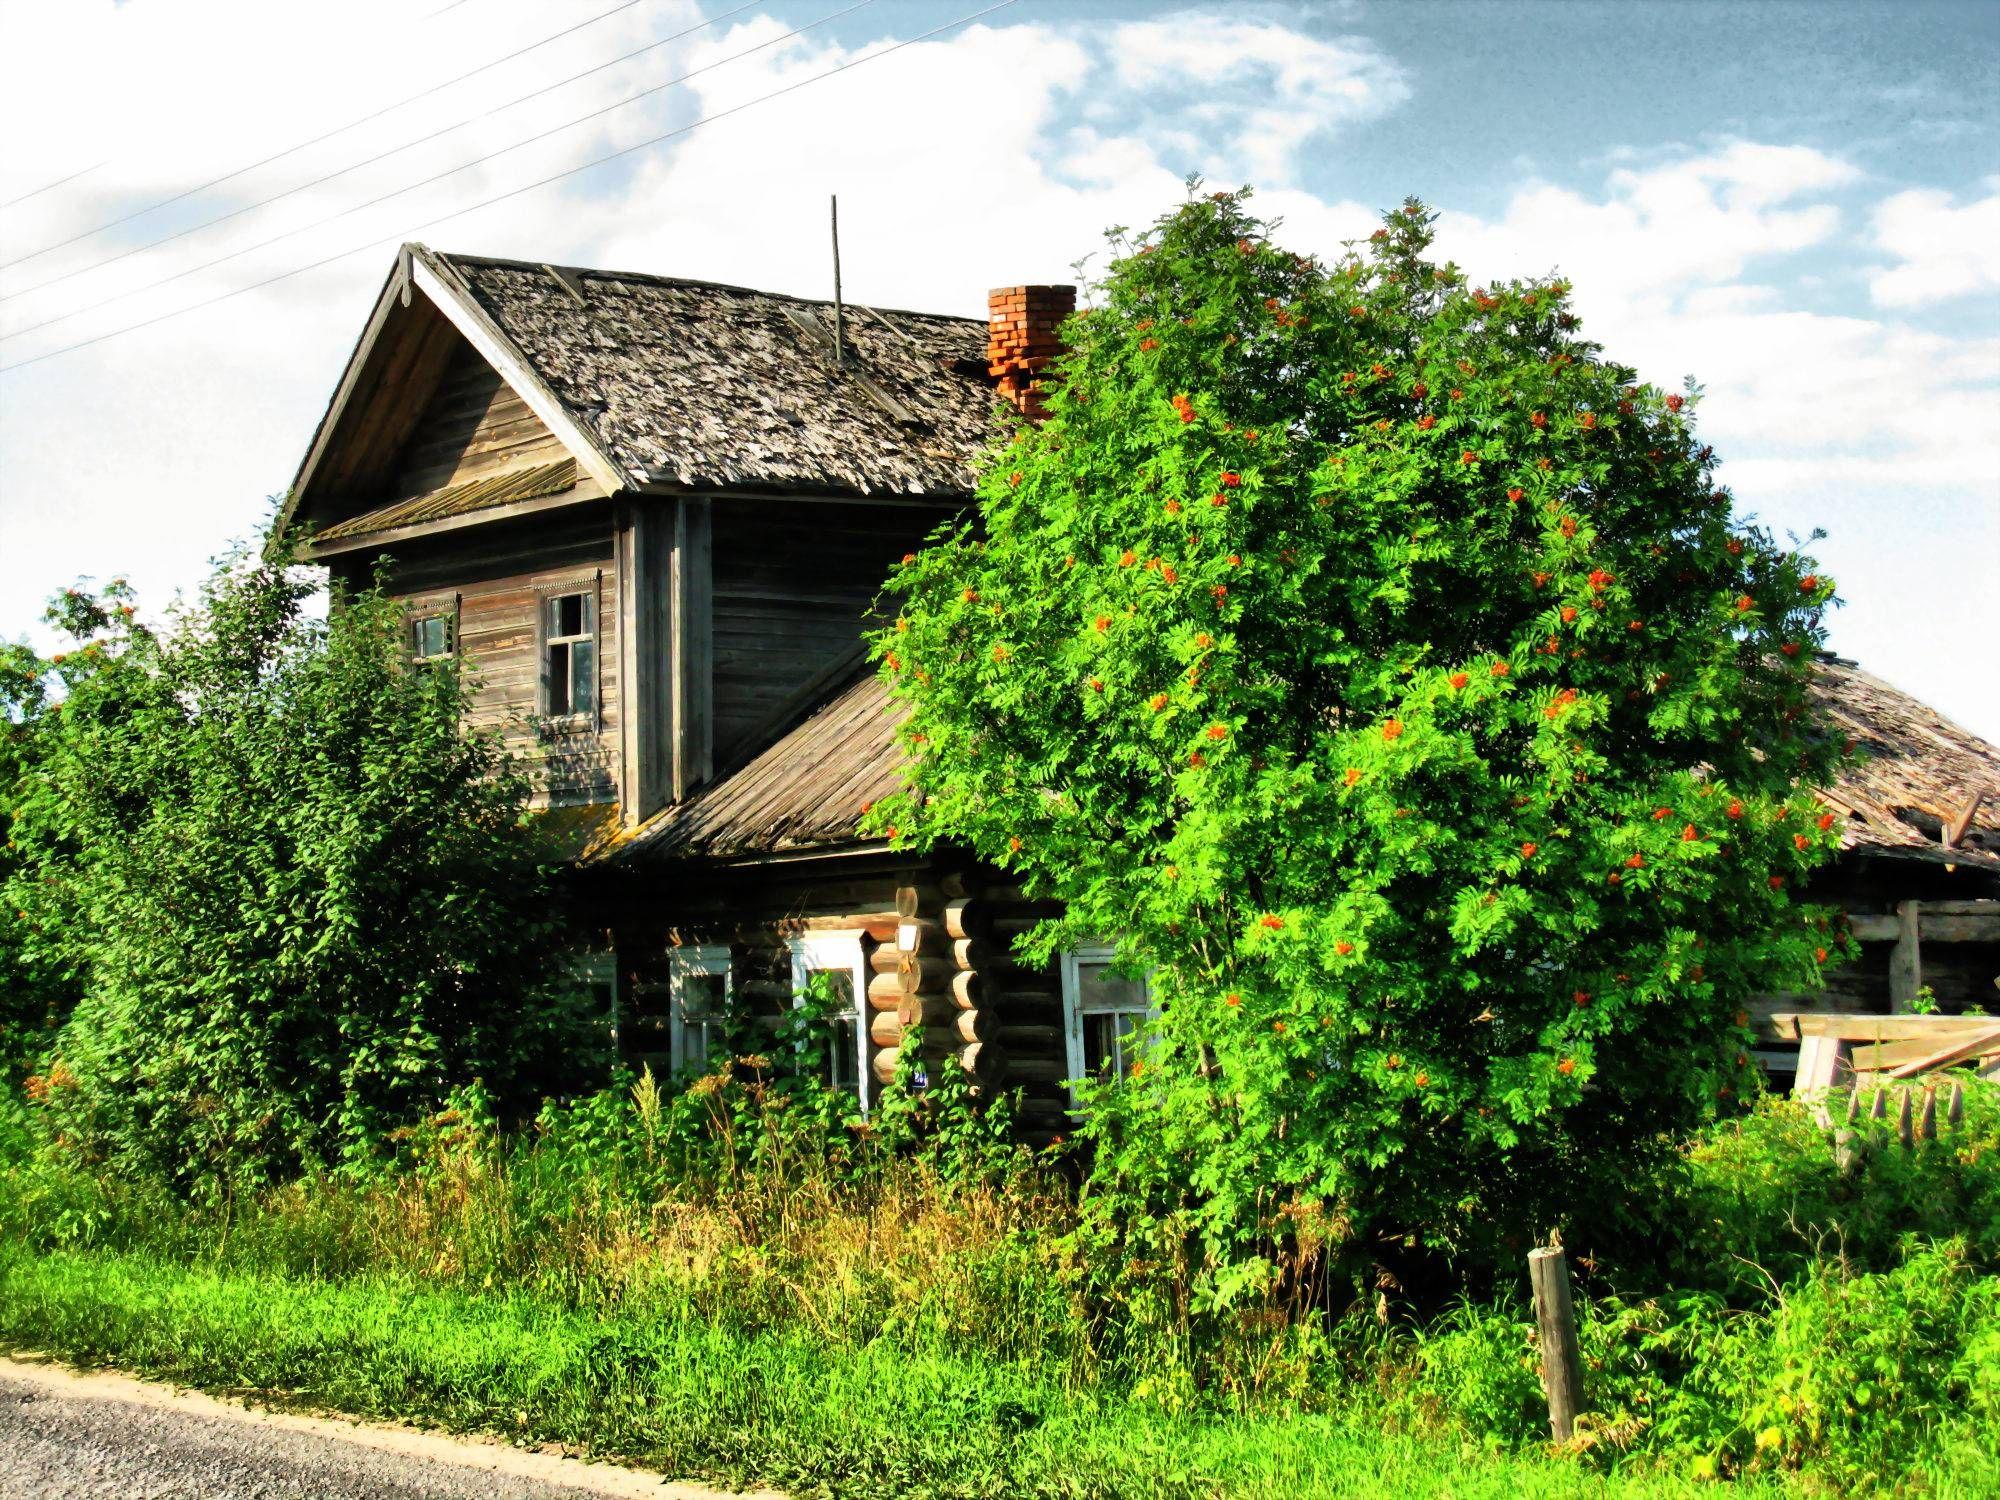 Drvena kuća u švicarskoj Slike prirode Pozadine za